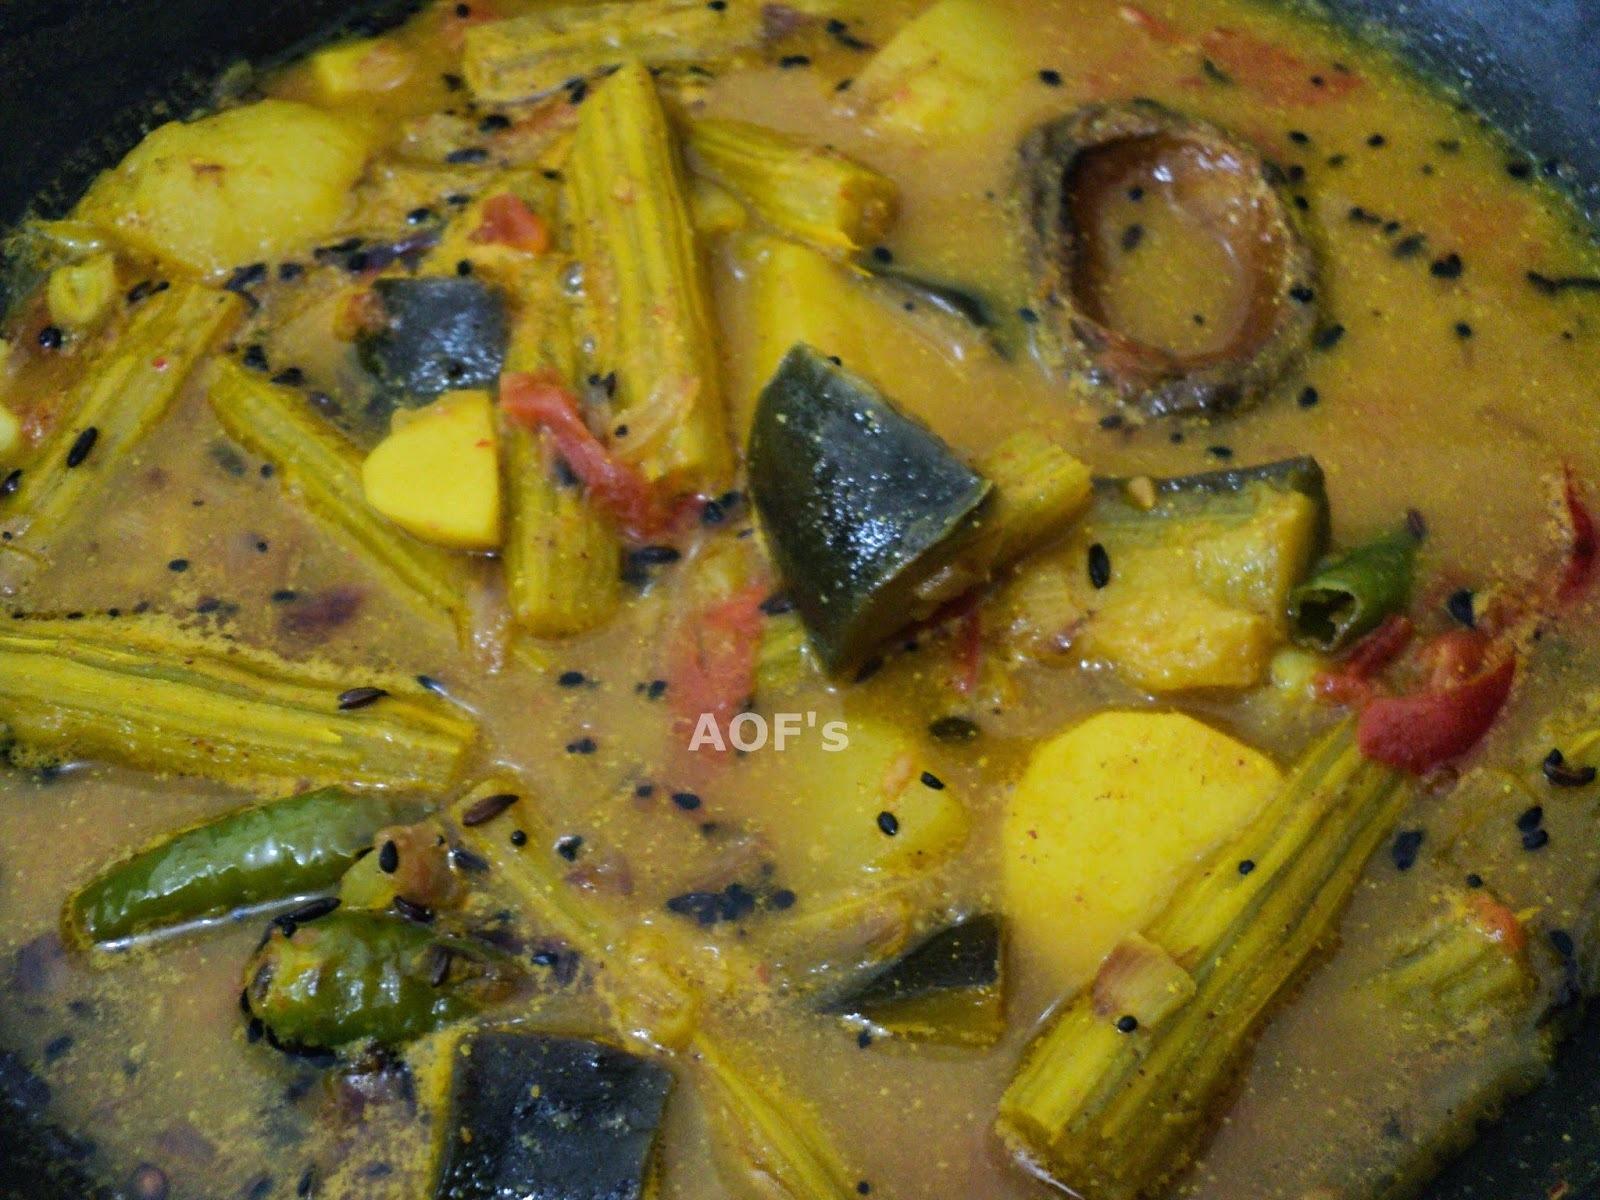 Chuin-Saru-Baigana Tarkari (Drumstick-Taro-Eggplant curry)